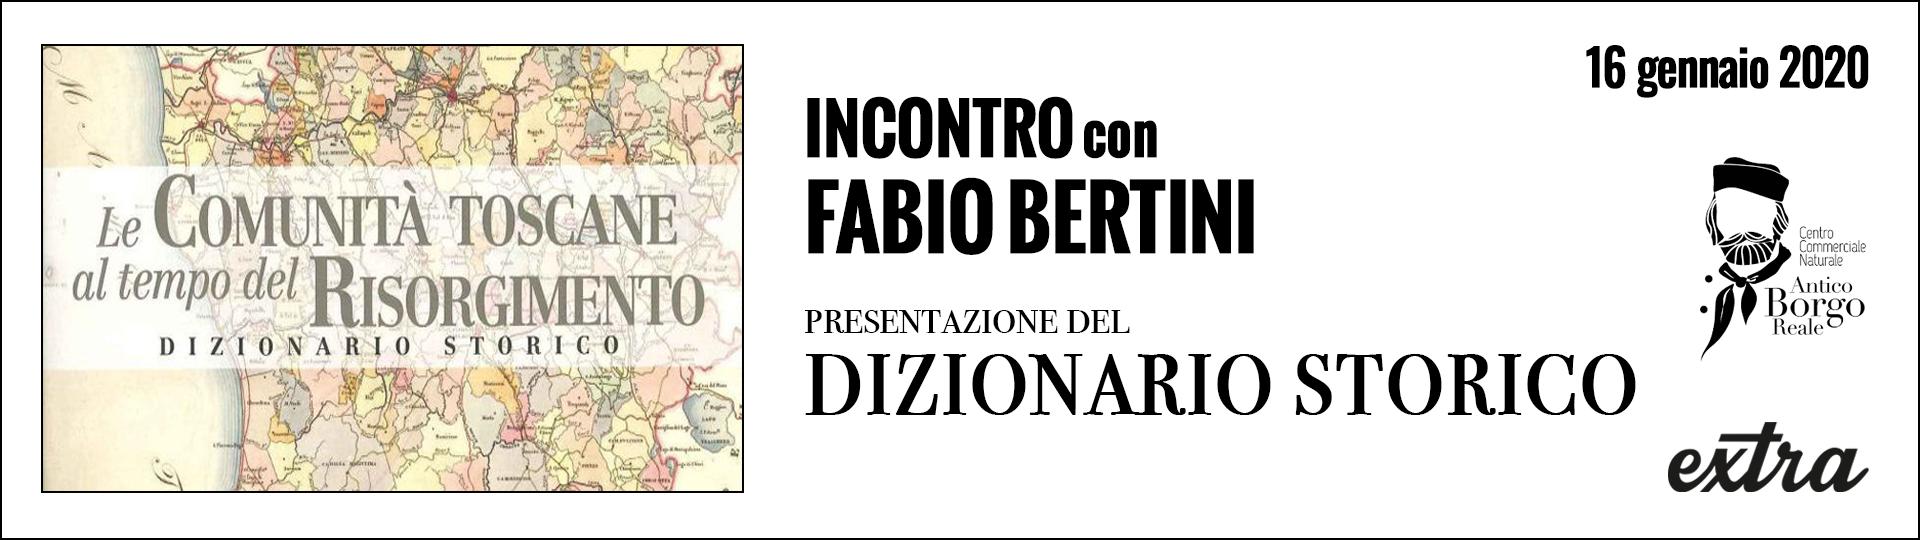 Incontro Professor Fabio Bertini